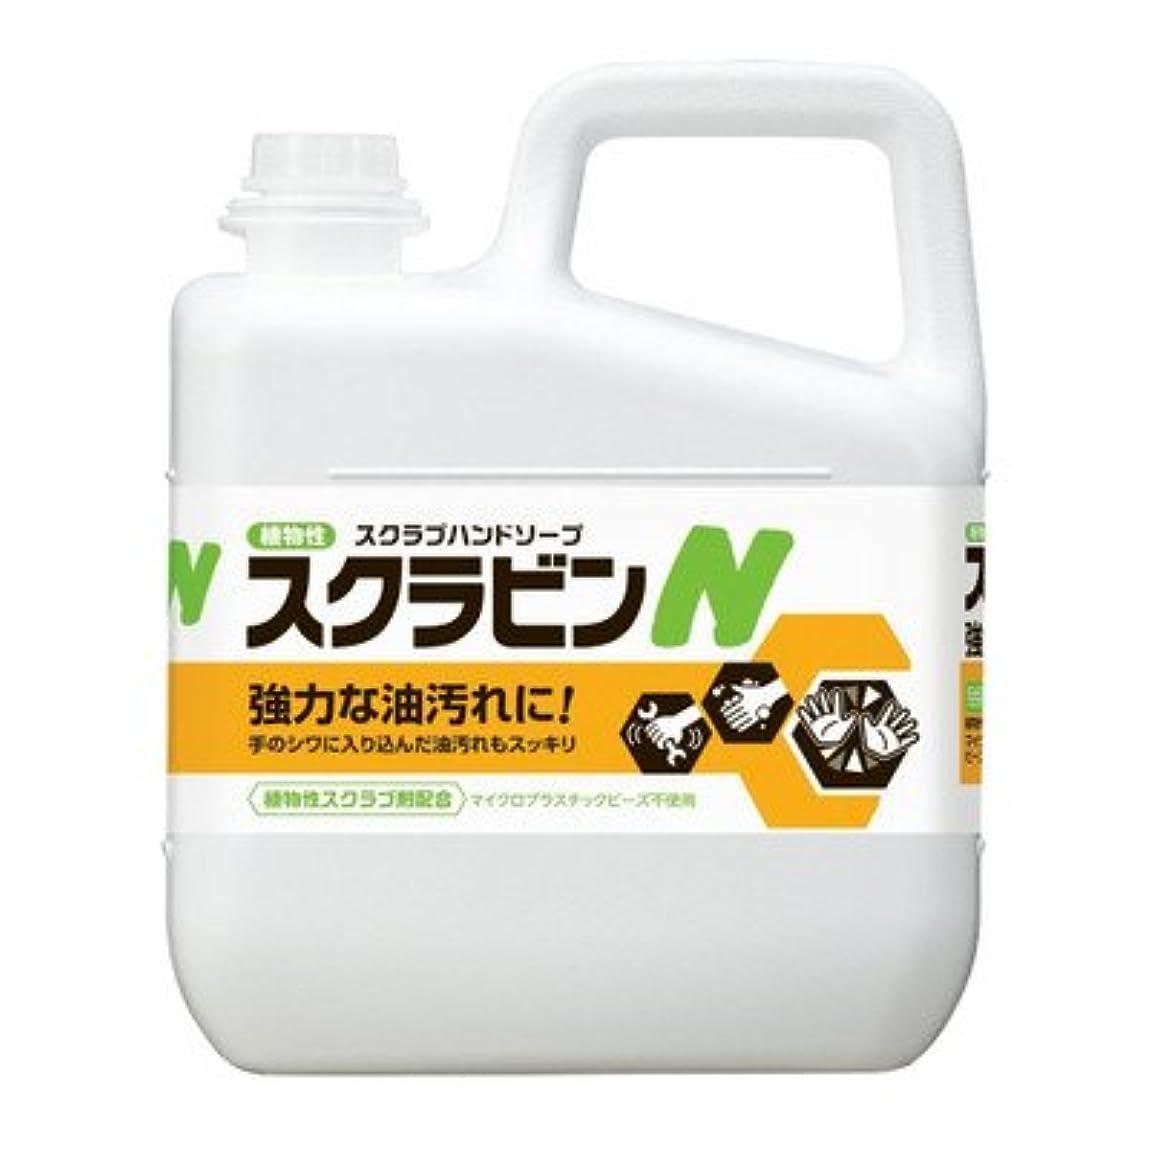 キャリア確保する収束環境と手肌に優しく油汚れを落とす植物性スクラブハンドソープ サラヤ 植物性スクラブハンドソープ スクラビンN 5kg 23155